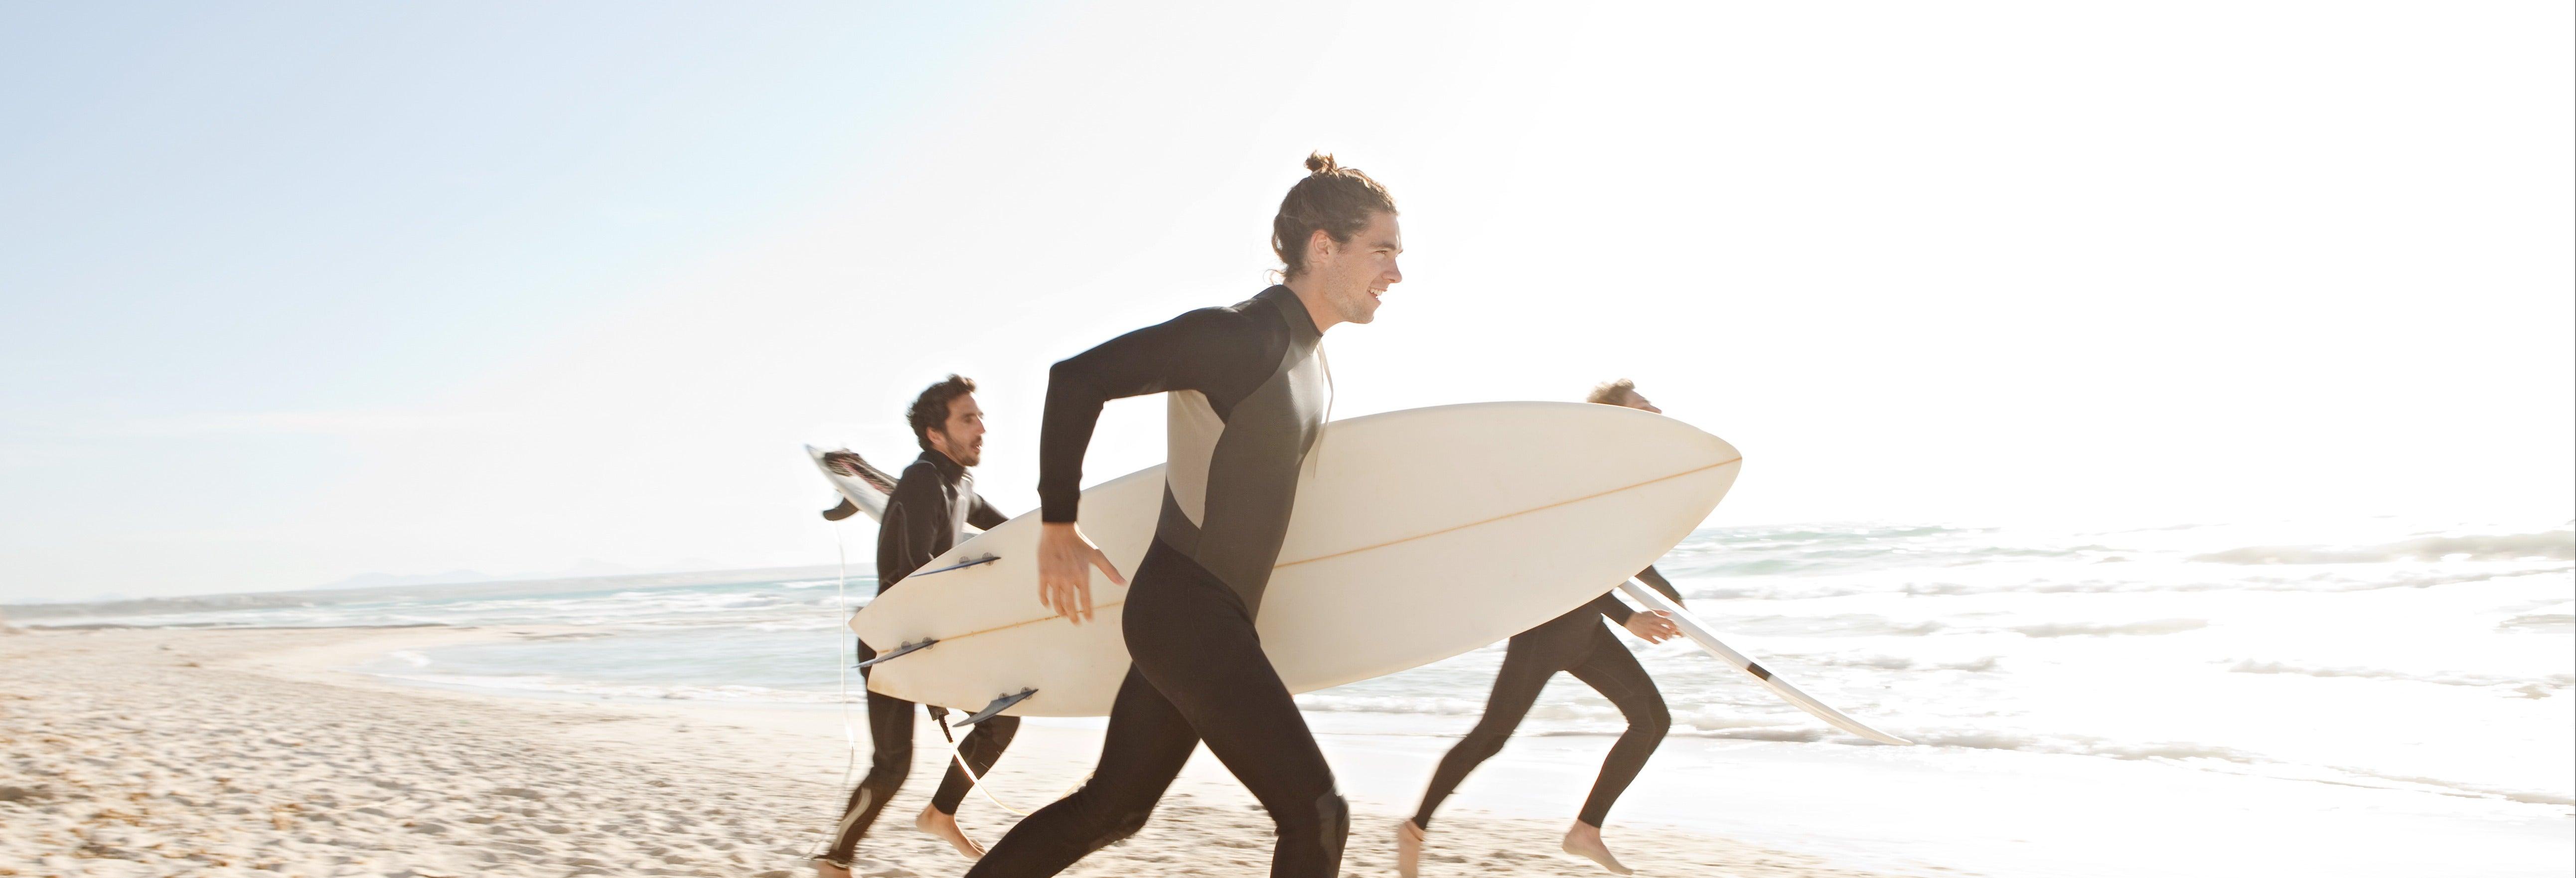 Curso de surfe na Praia da Galé